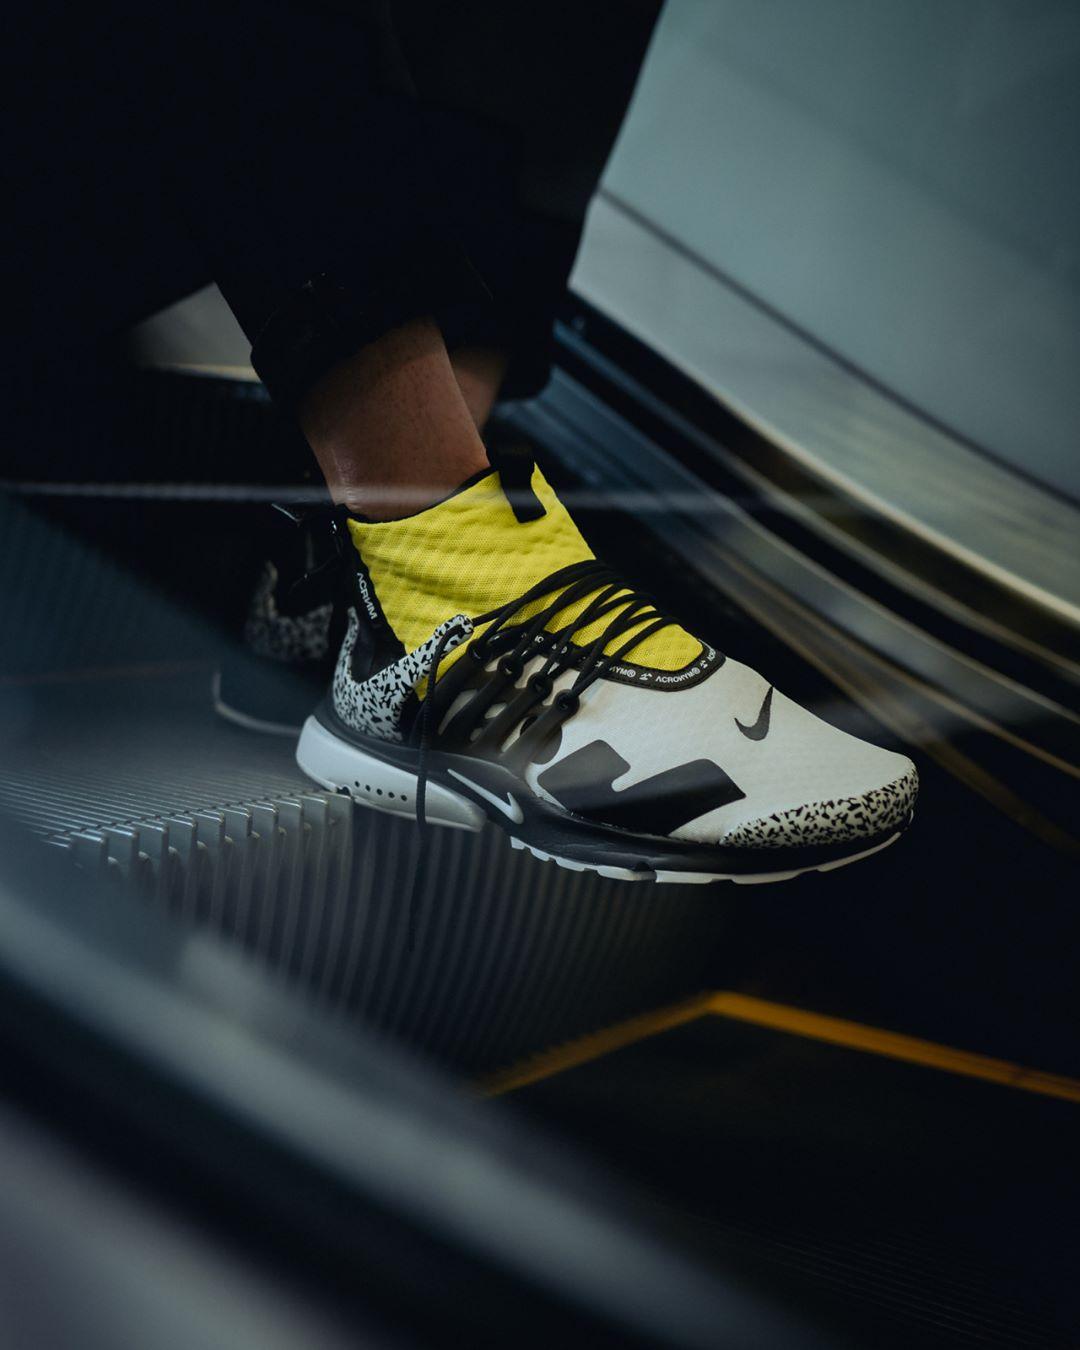 9328983372d NikeLab-Air-Presto-Mid-x-Acronym-Dynamic-Yellow-3 - Sneaker Myth